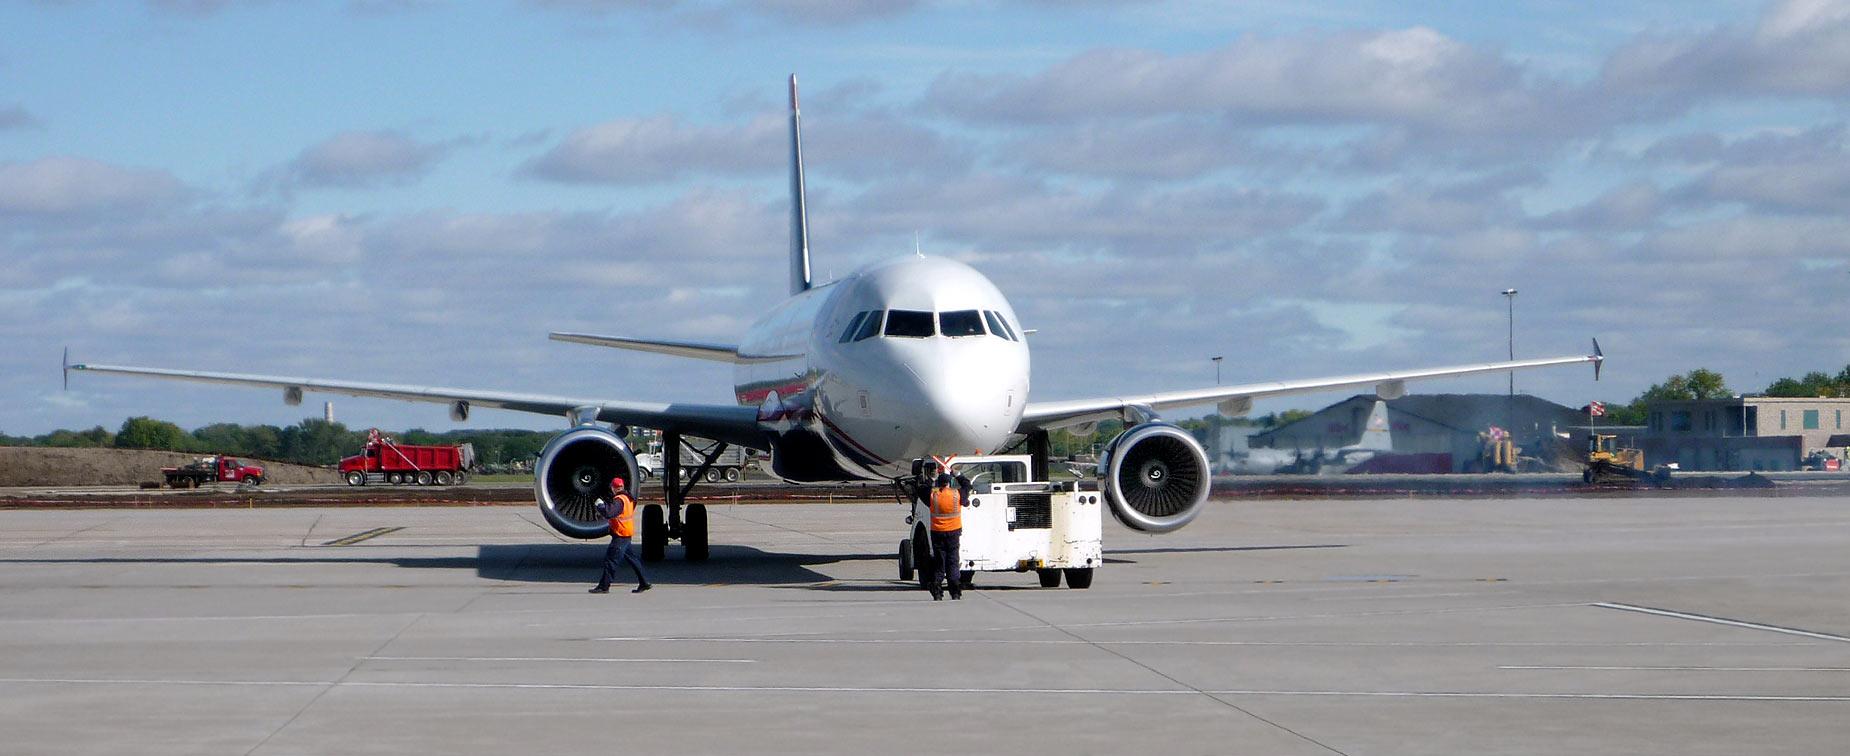 Photo of plane